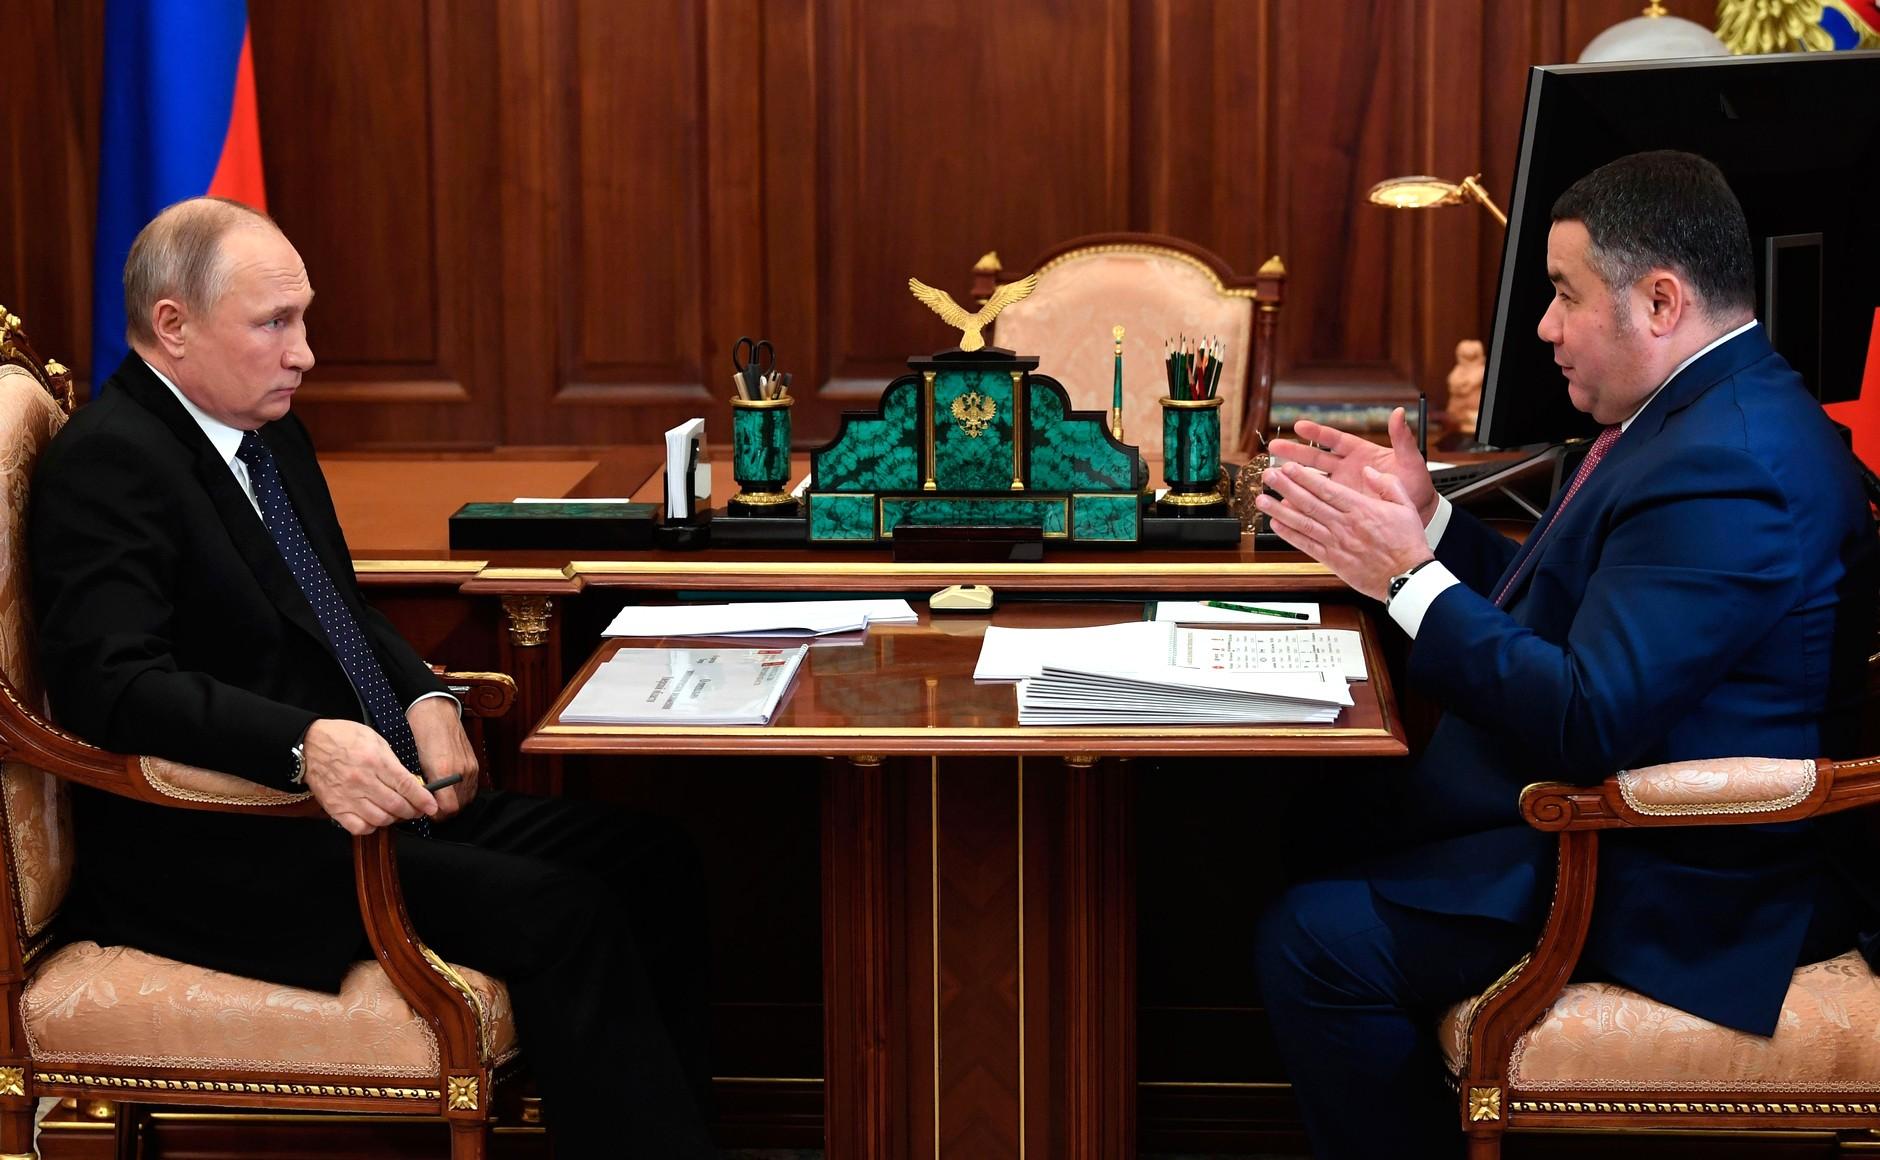 В правительстве Тверской области обсудили выполнение задач, поставленных Владимиром Путиным